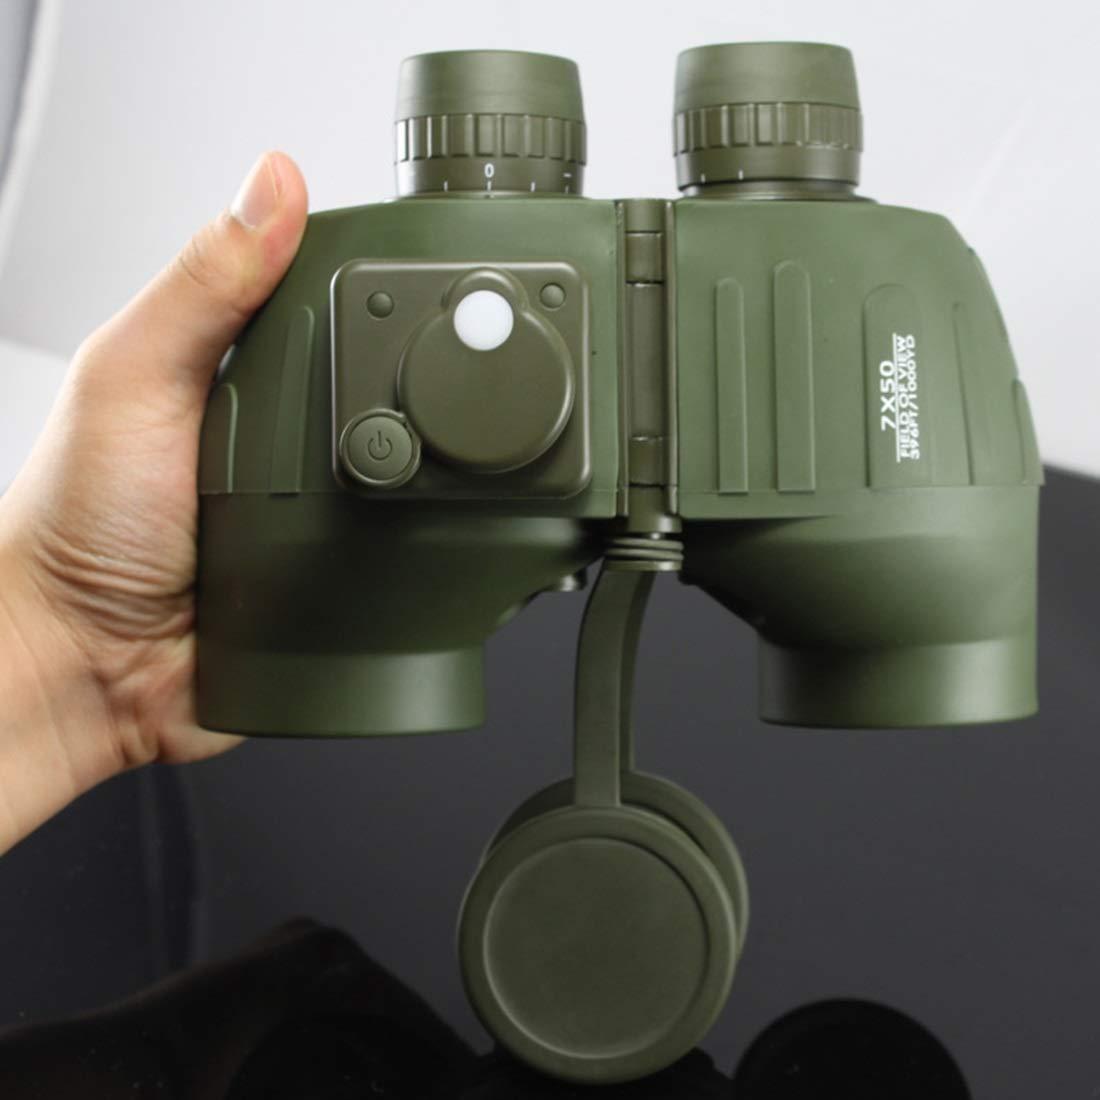 YY3 7x50 Fernglas mit Koordinaten-Kompass für Erwachsene, Compact HD Professional Fernglas BAK4 Prism FMC Objektiv, für den Außenbereich